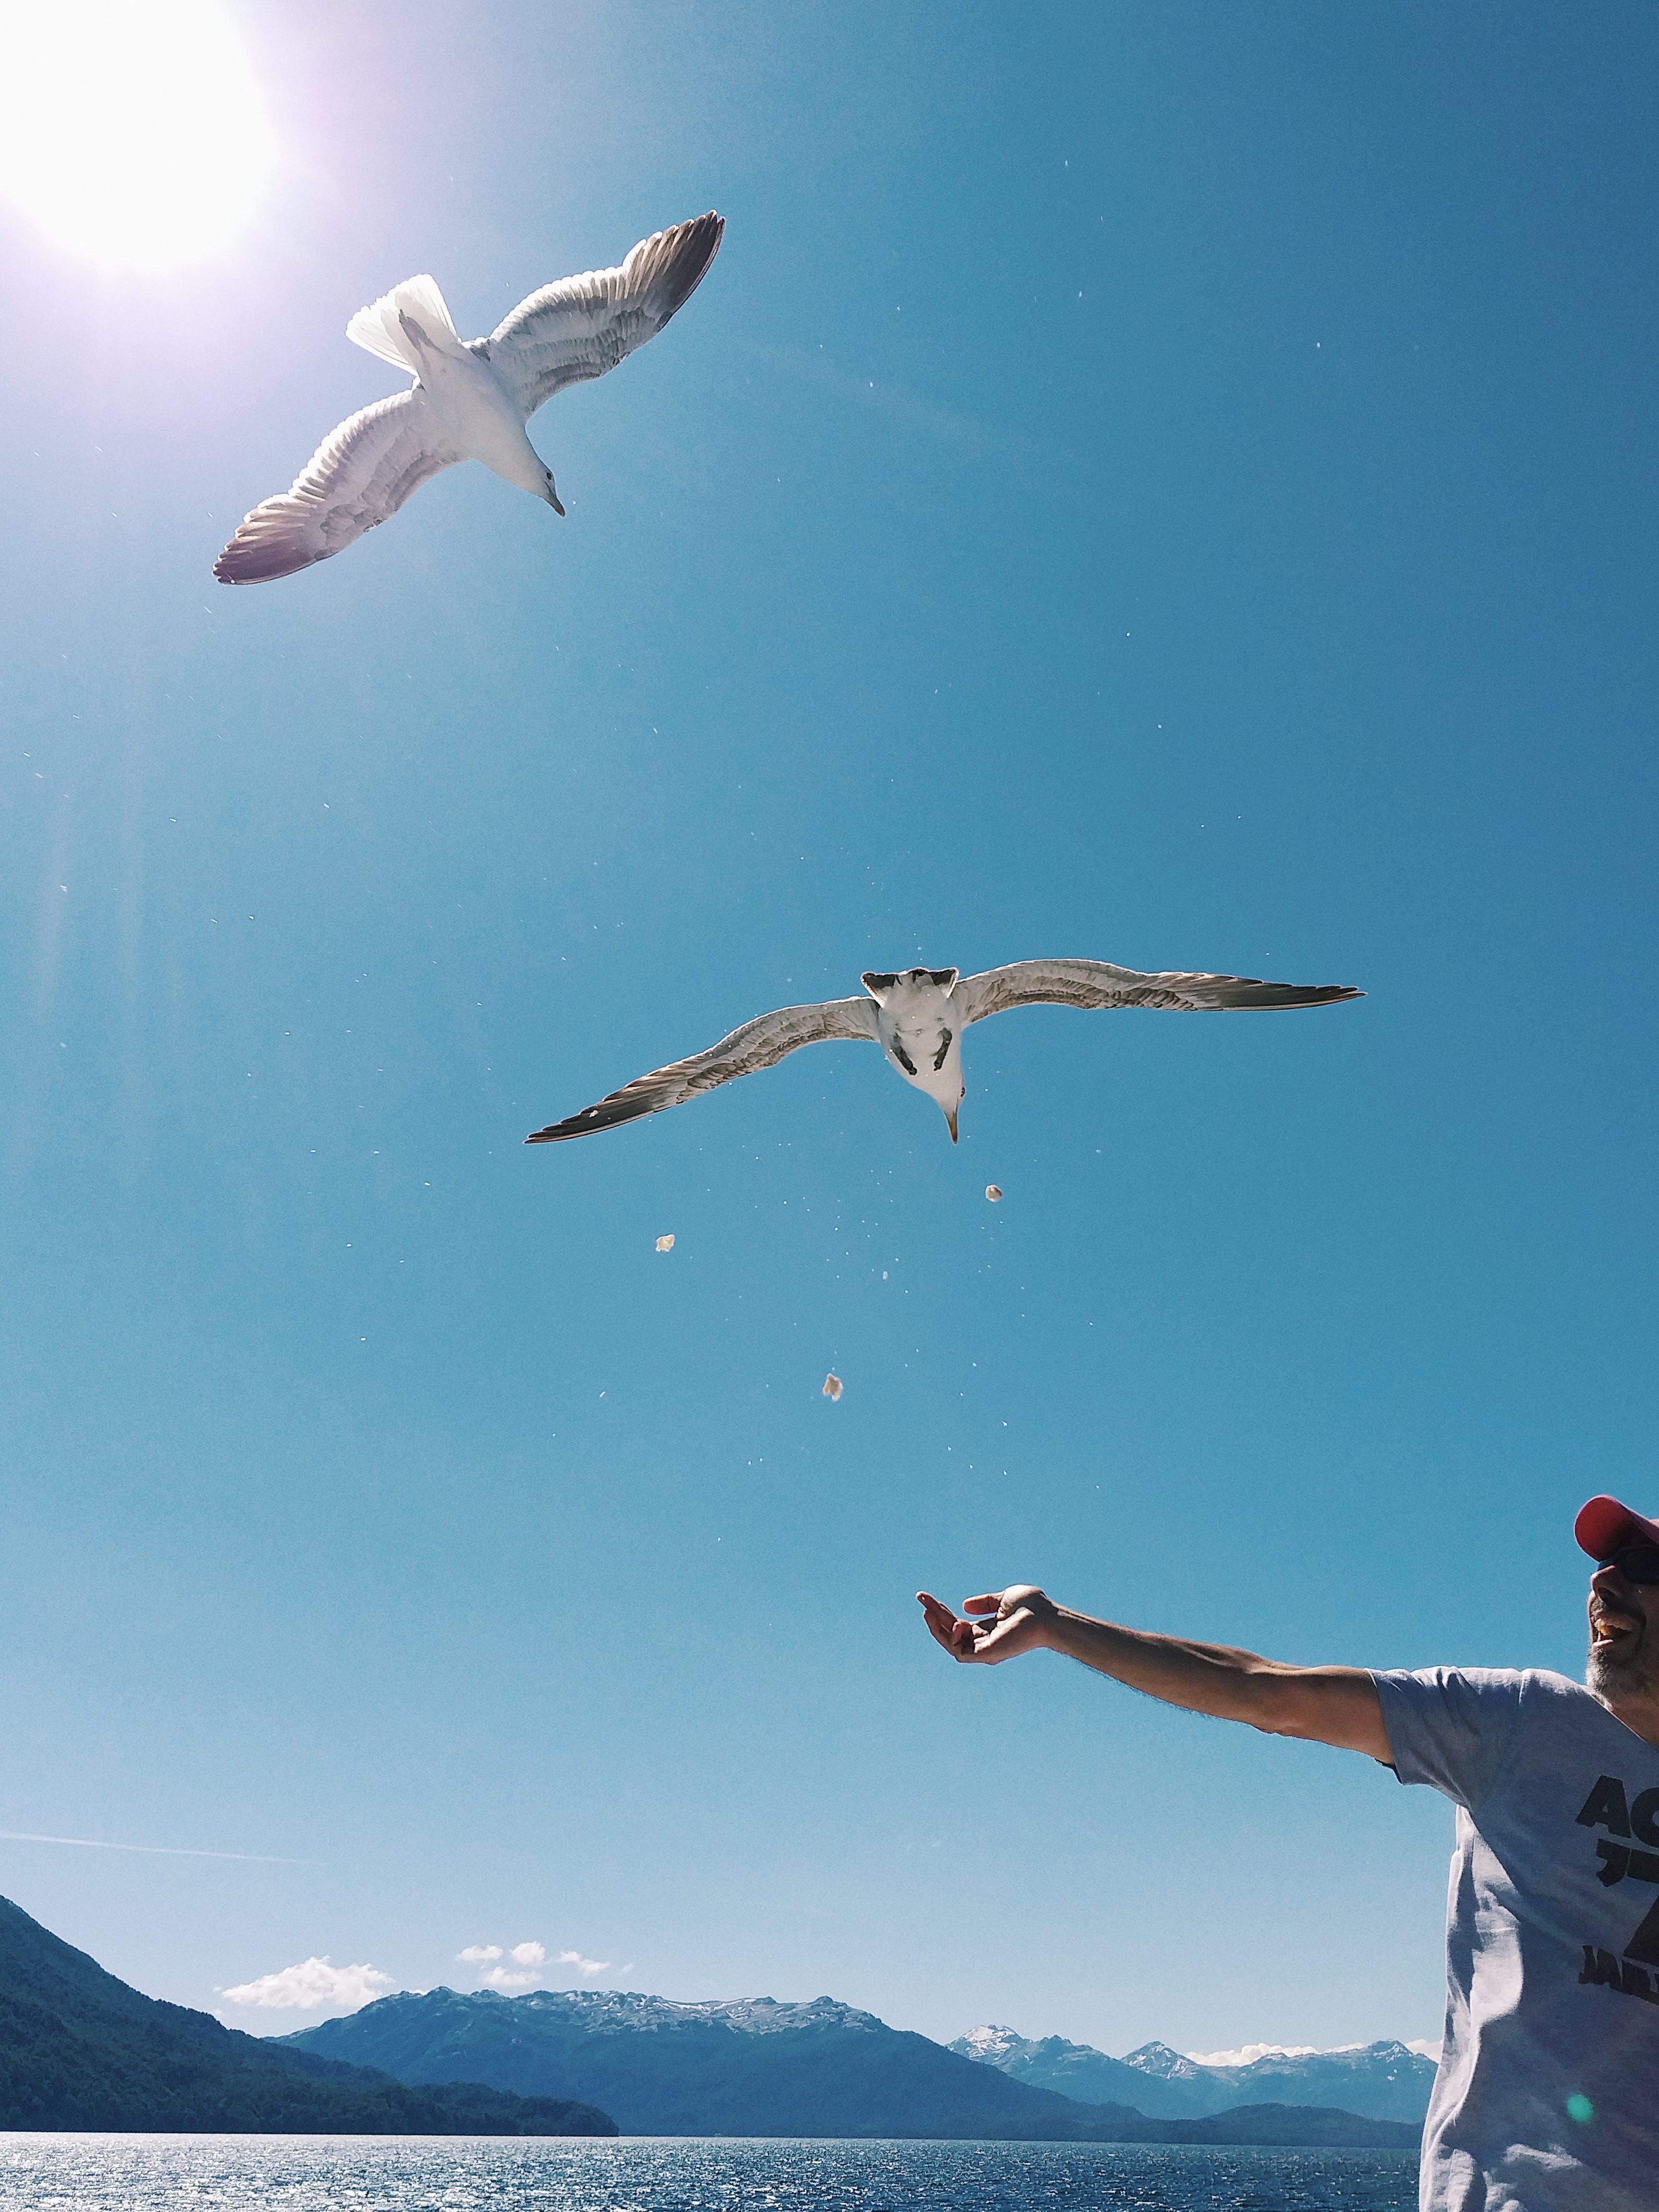 Δωρεάν στοκ φωτογραφιών με αναψυχή, άνθρωπος, βουνό, γαλάζιος ουρανός